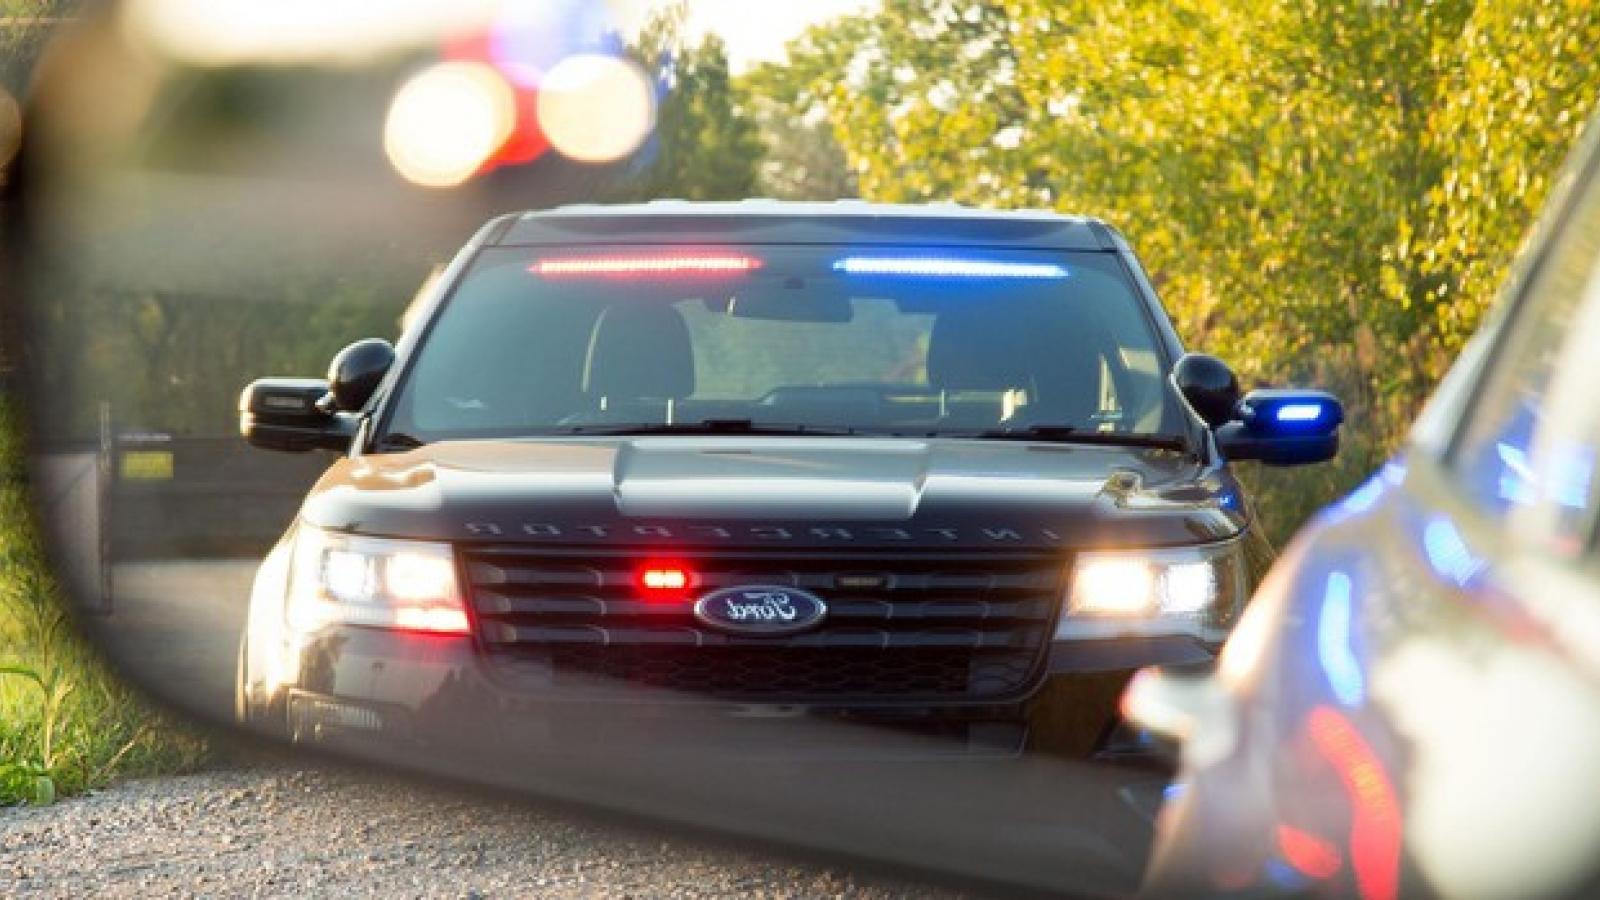 Trộm cắp ô tô có dấu hiệu gia tăng tại Mỹ trong năm 2020